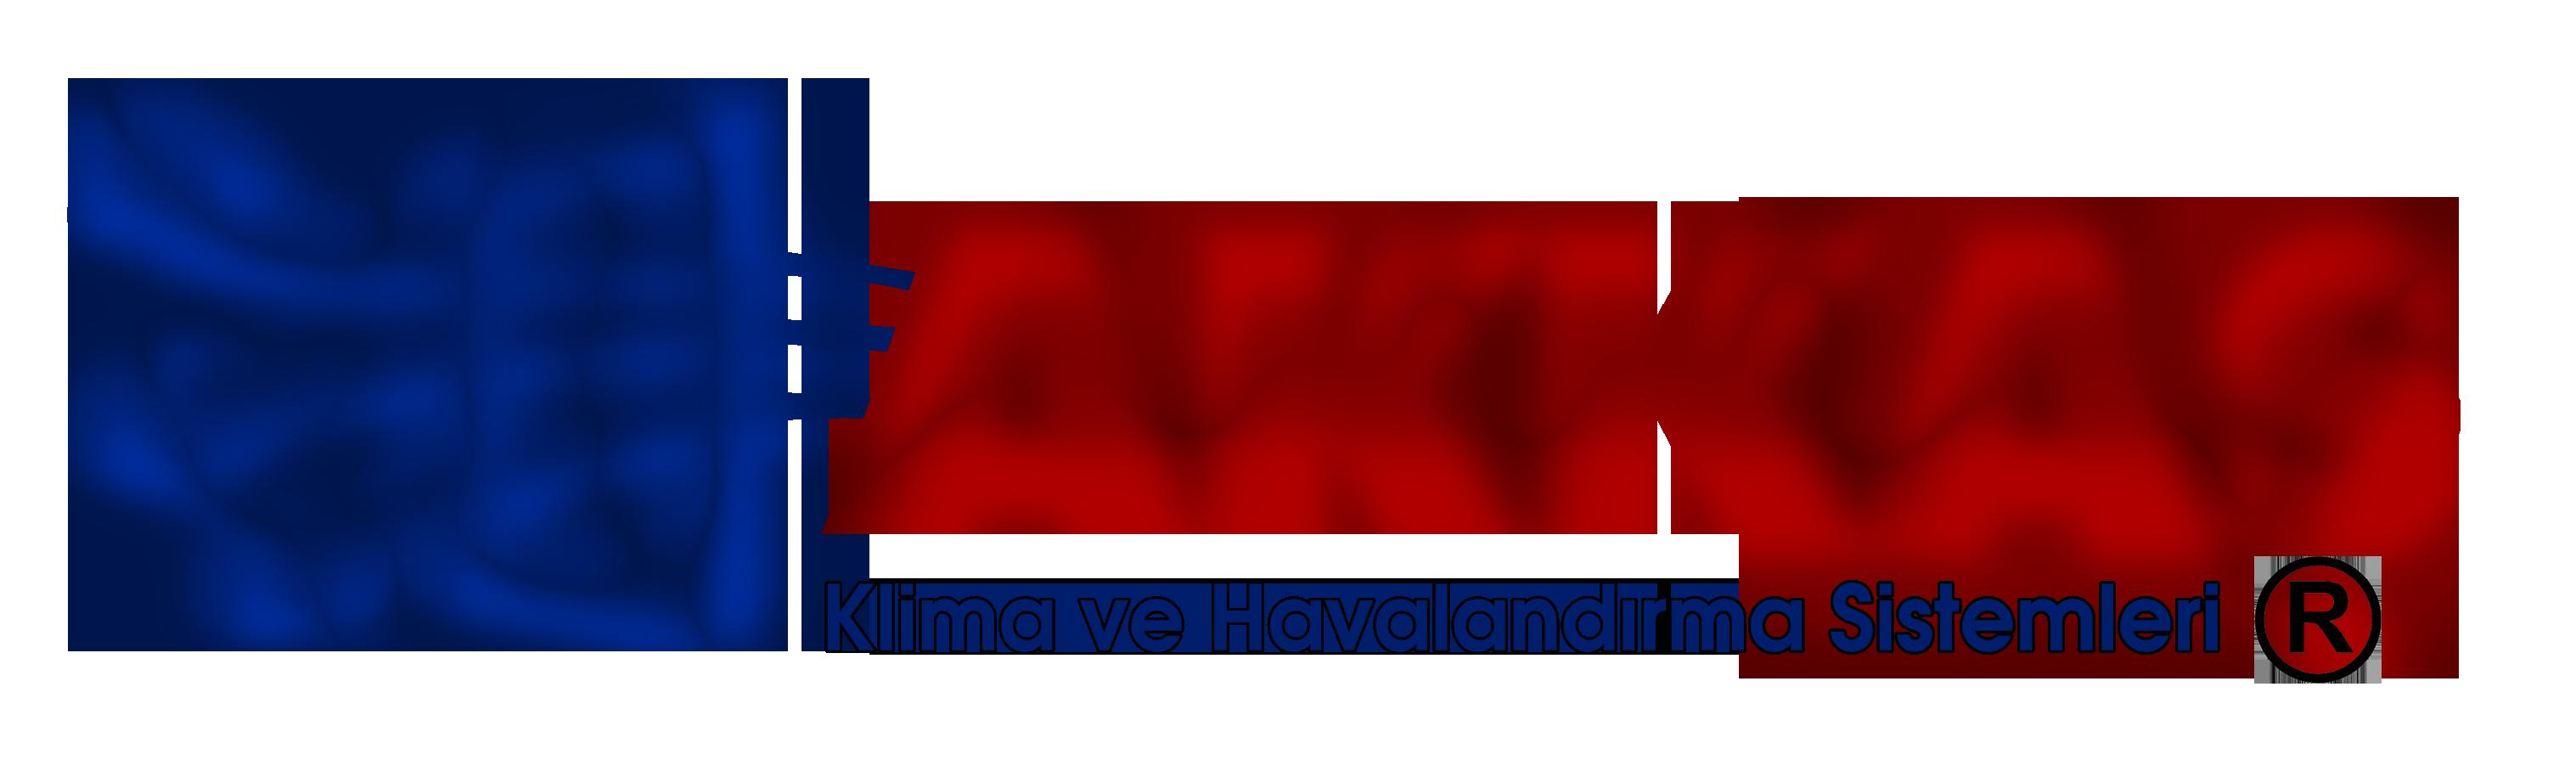 İzmir Havalandırma Sistemleri, Havalandırma sistemleri, Akkaş Havalandırma